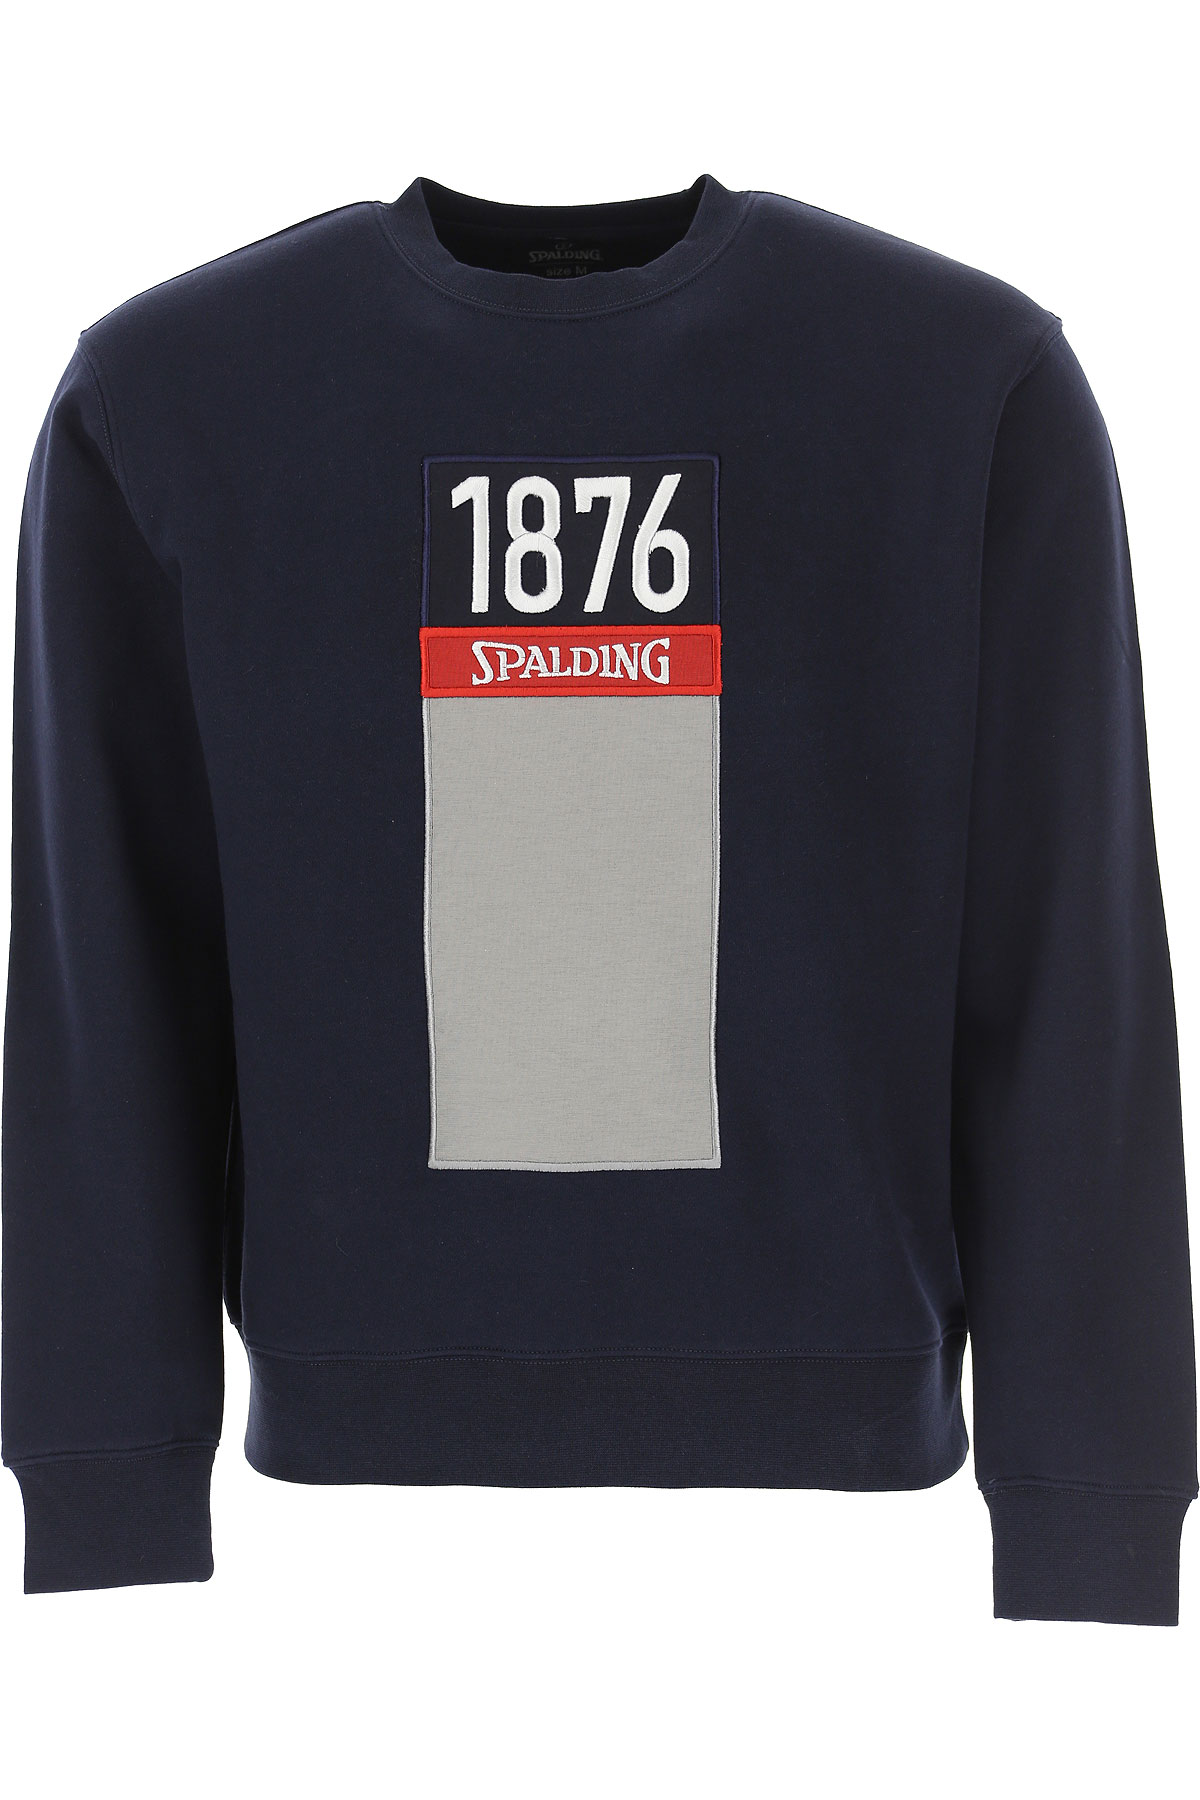 Spalding Sweatshirt for Men, Navy Blue, Cotton, 2019, L XL XXL